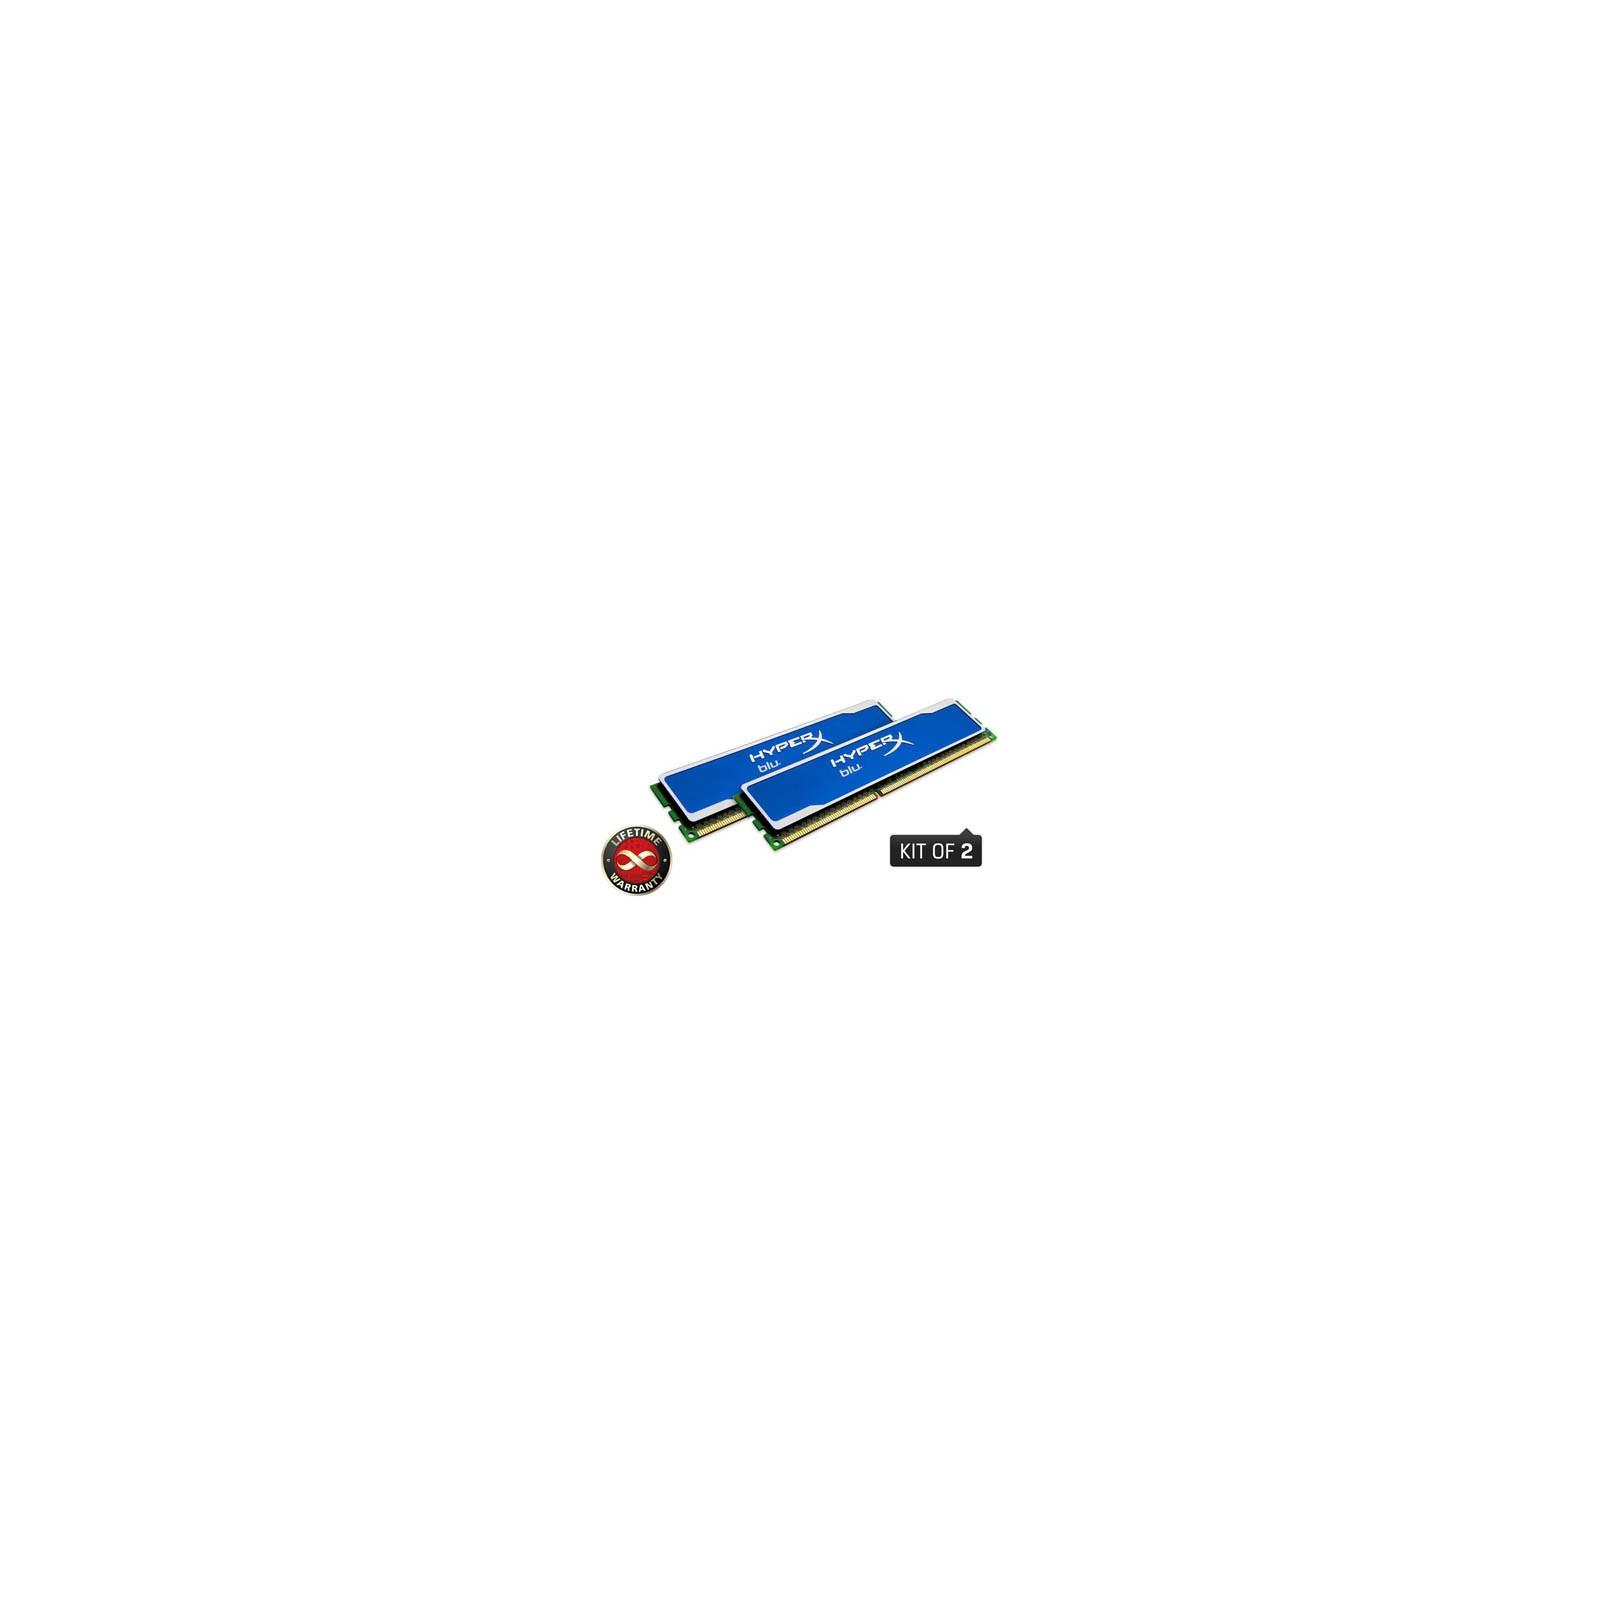 Модуль памяти для компьютера DDR3 8GB (2x4GB) 1600 MHz Kingston (KHX1600C9D3B1K2/8GX)